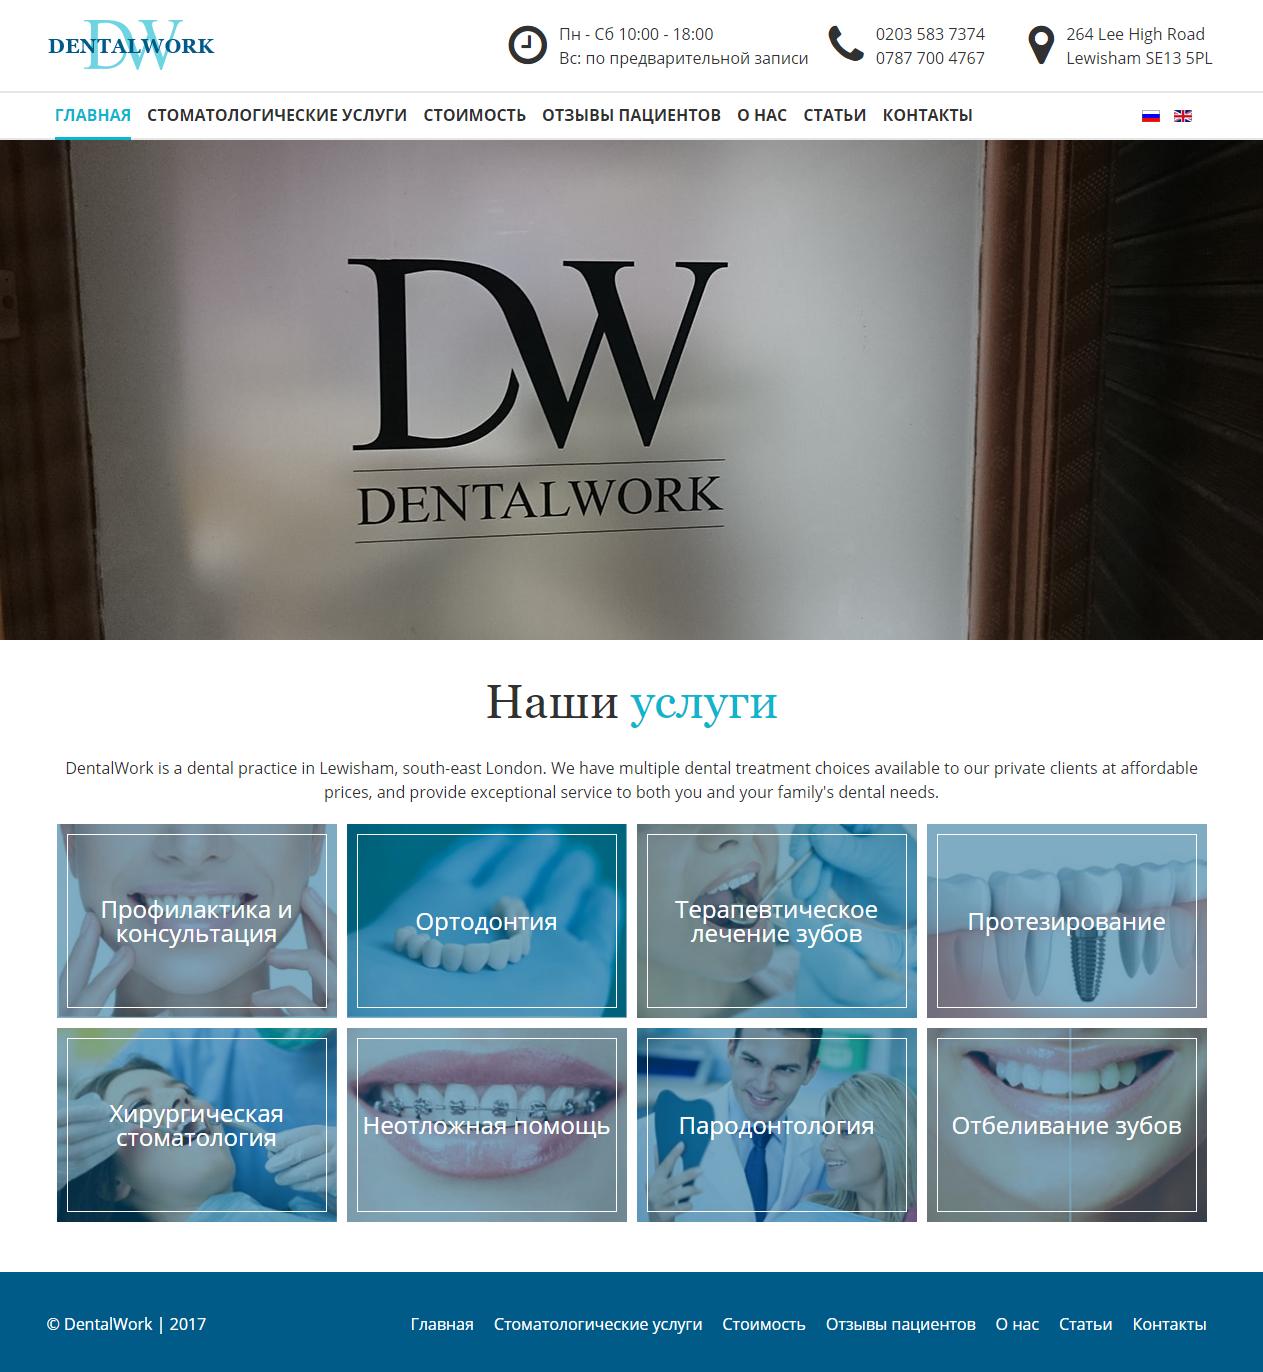 Сайт-визитка лондонской клиники (Joomla)